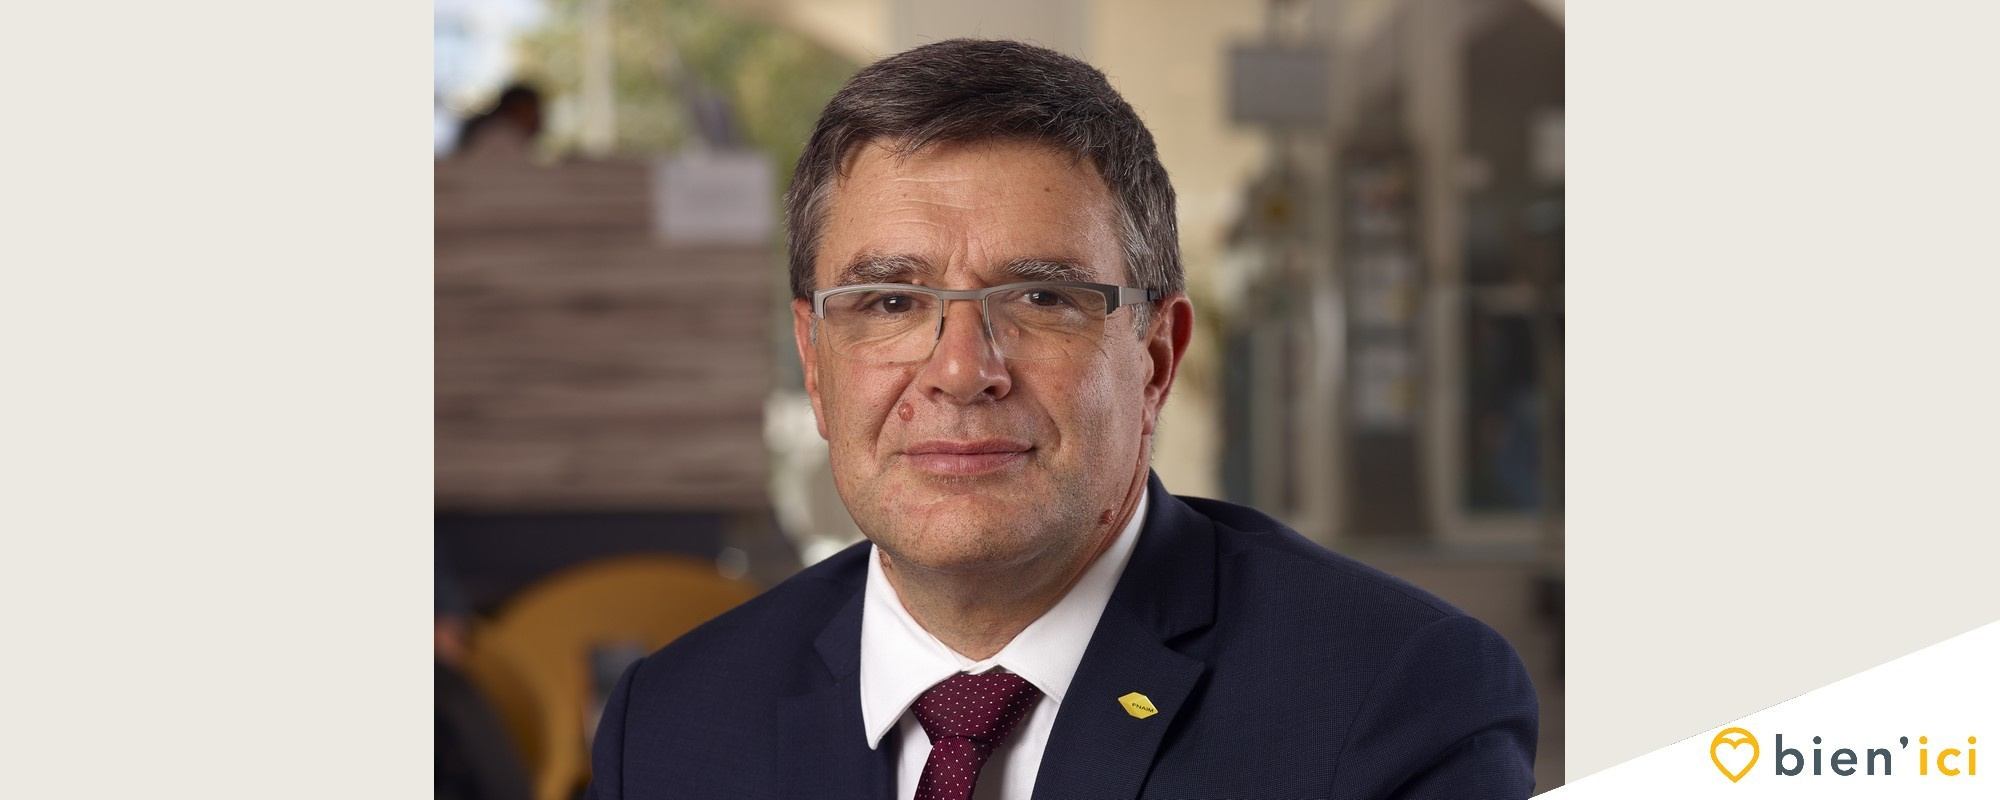 Jean-Marc Torrollion est nommé Président de Bien'ici